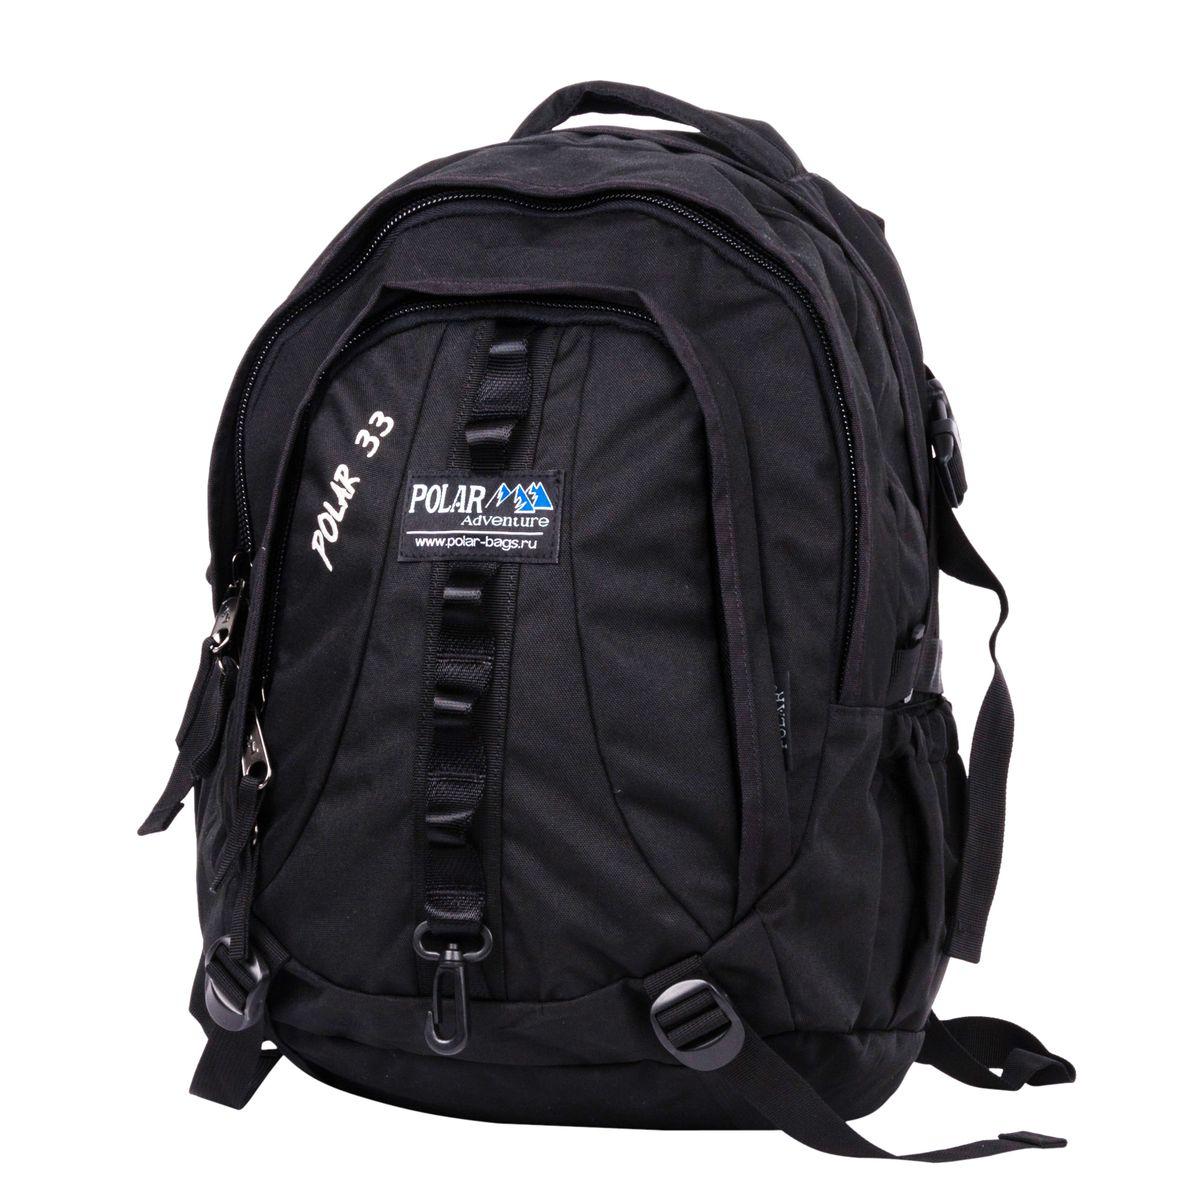 Рюкзак городской Polar, 27 л, цвет: черный. П1002-05П1002-05Небольшой, вместительный рюкзак фирмы Polar. Полностью вентилируемая спинка с системой Aircomfort, мягкие плечевые лямки создают дополнительный комфорт при ношении. Центральный отсек для персональных вещей и внутренним карманом для папки А4. Маленький карман для mp3, CD плеера. Выход под наушники. Большой передний карман с органайзером. Так же есть грудные стяжки, фиксирующие его удобное положение. Боковой карман из трикотажной сетки для бутылки с водой. Дождевик специальной формы на рюкзак, защищает его от намокания в дождливую погоду.